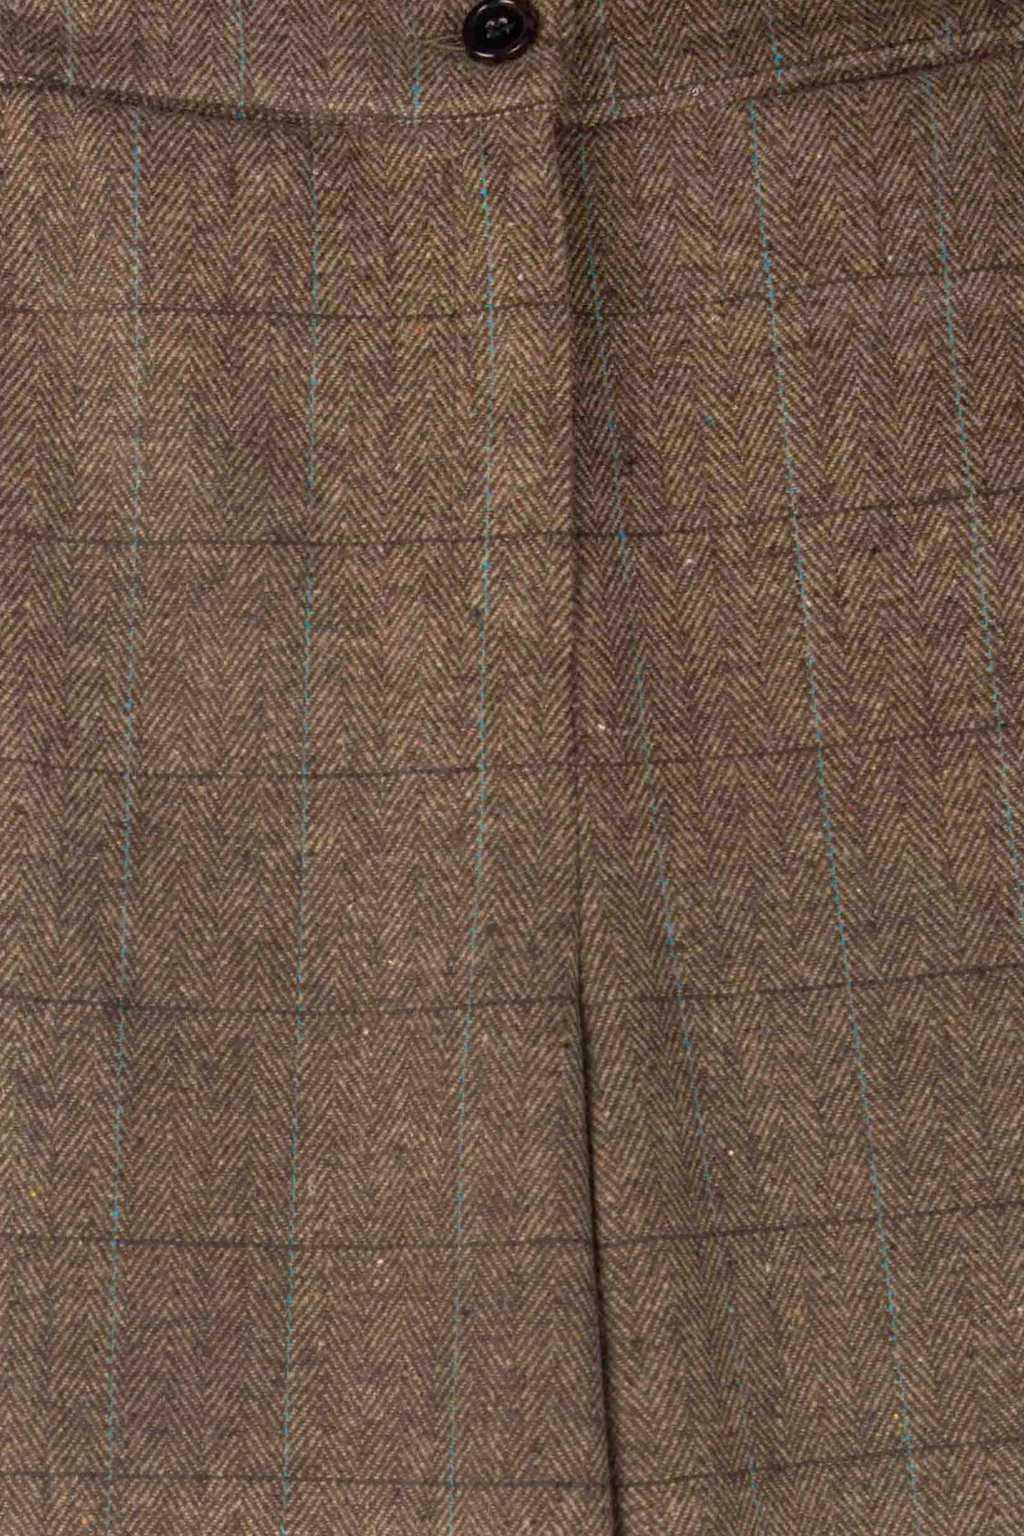 Pant H254 Brown 6